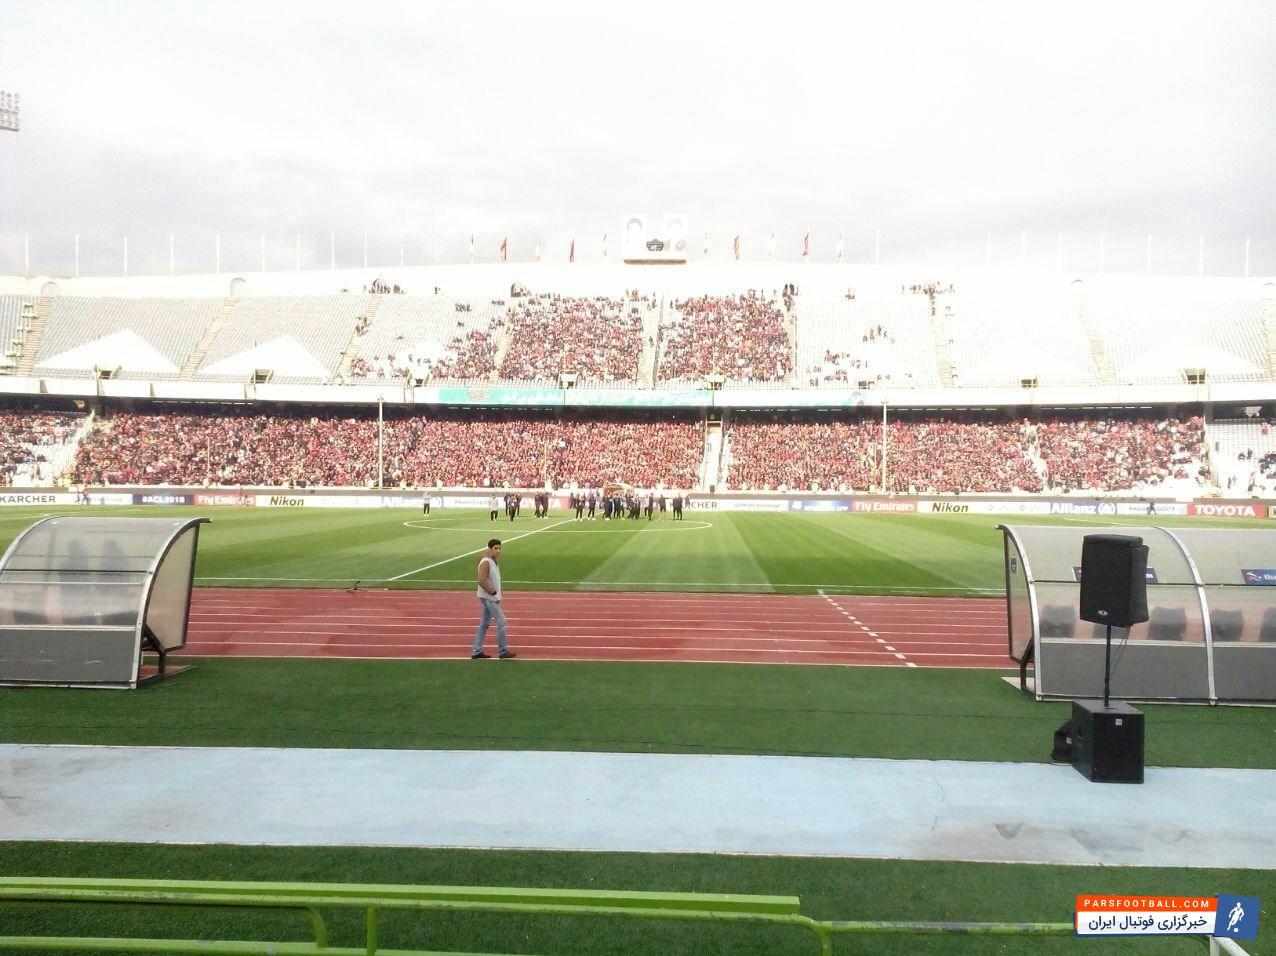 تیم های پرسپولیس و السد قطر در هفته پایانی از مرحله گروهی لیگ قهرمانان آسیا از ساعت 19:30 امروز (دوشنبه) در ورزشگاه آزادی به مصاف هم خواهند رفت.در آستانه دیدار پرسپولیس - السد هواداران پرسپولیس از نبود بلیت جایگاهها برای فروش ابراز ناراحتی کردند.